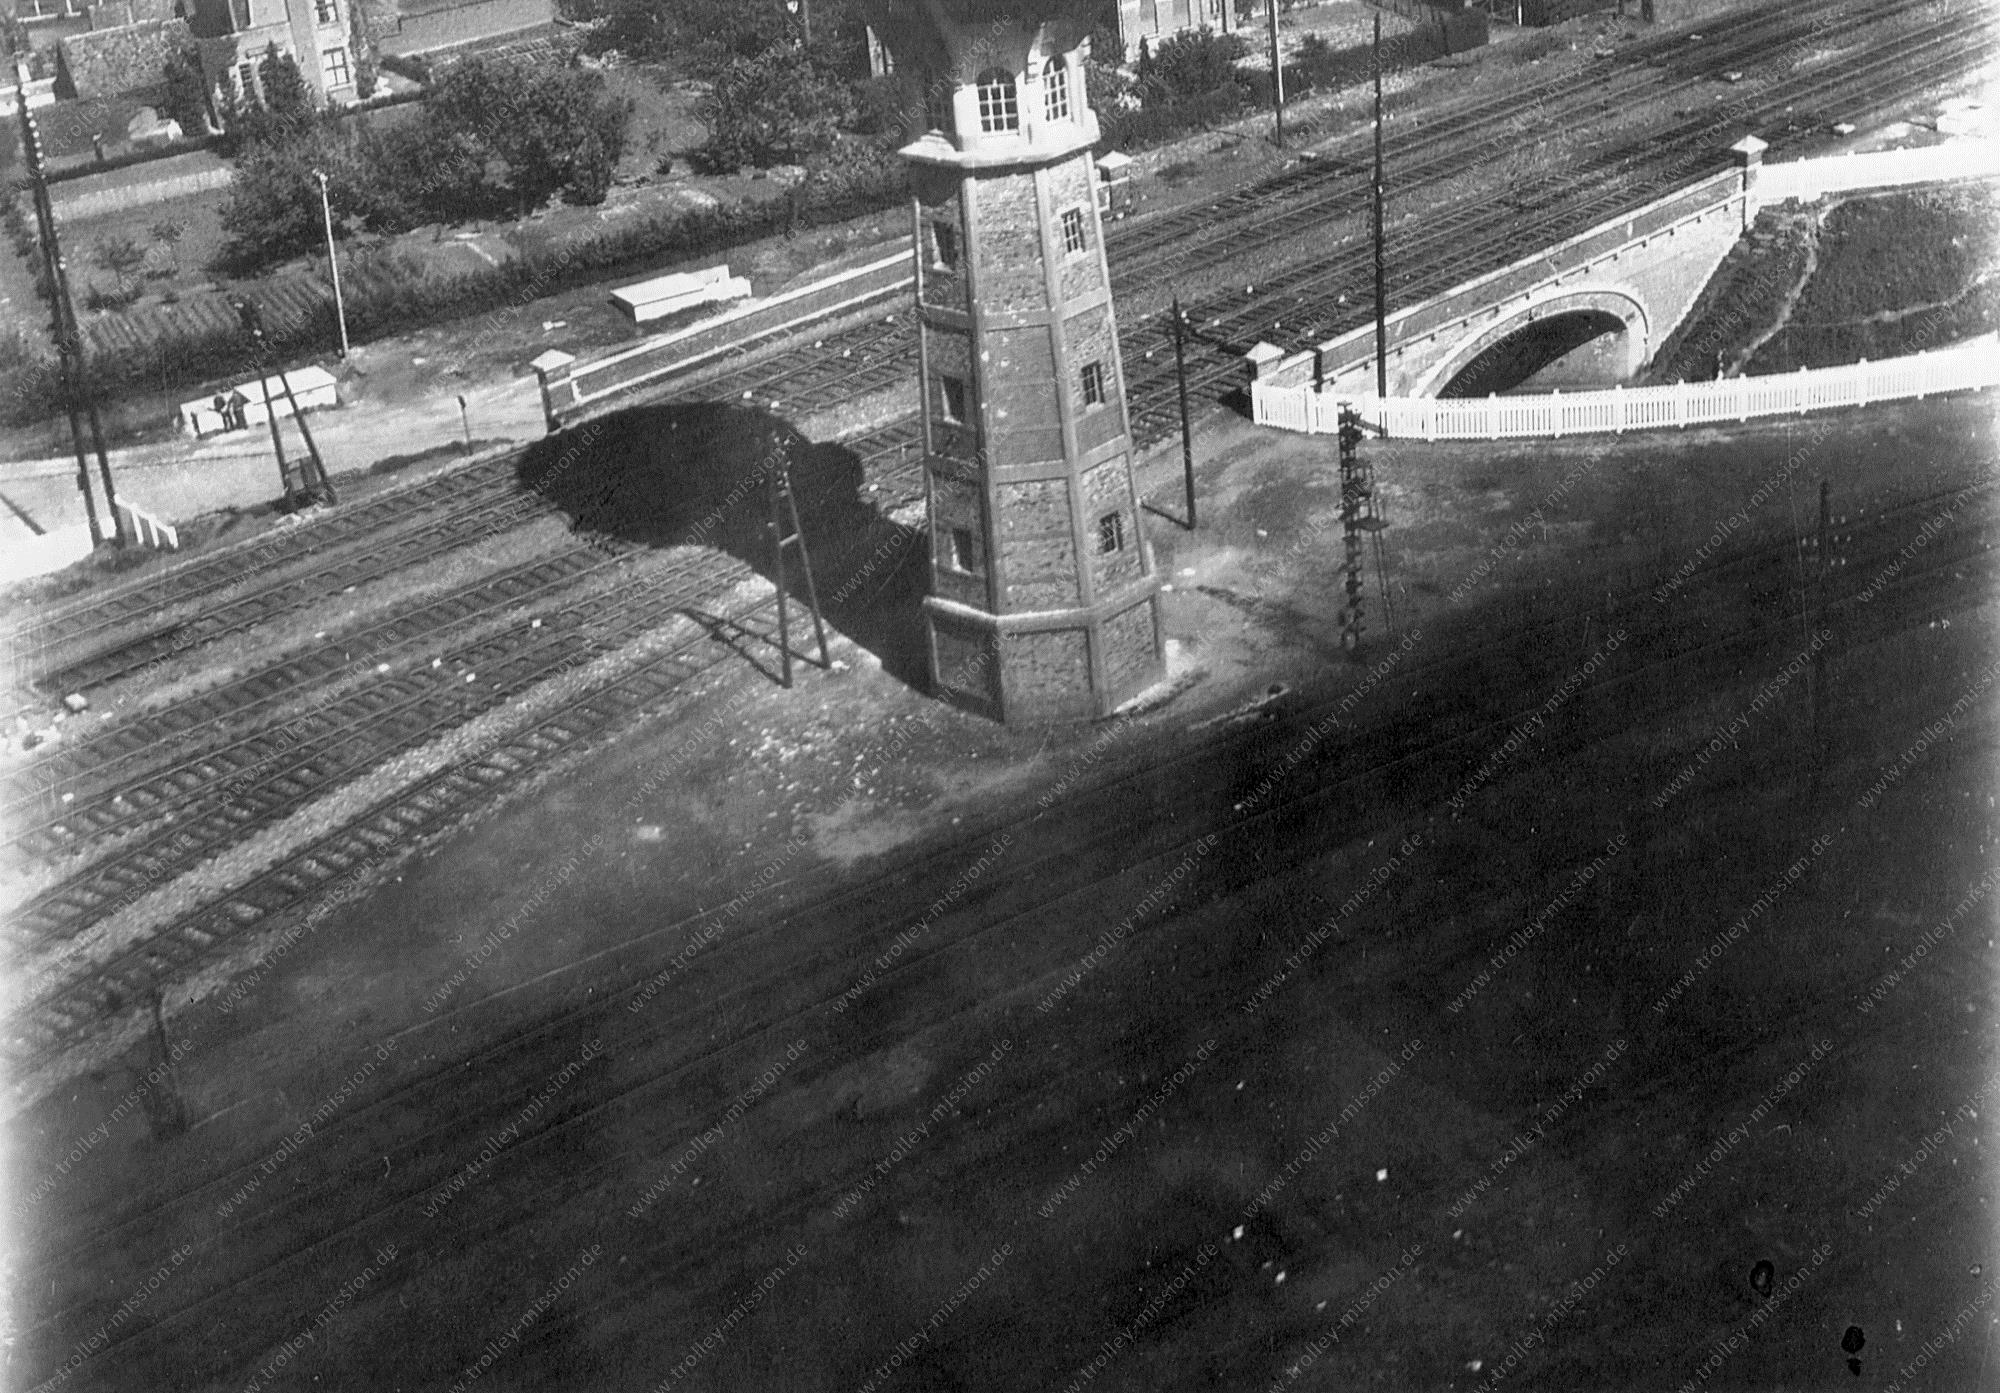 Luftbild vom Wasserturm am Bahnhof in Denderleeuw (Belgien)